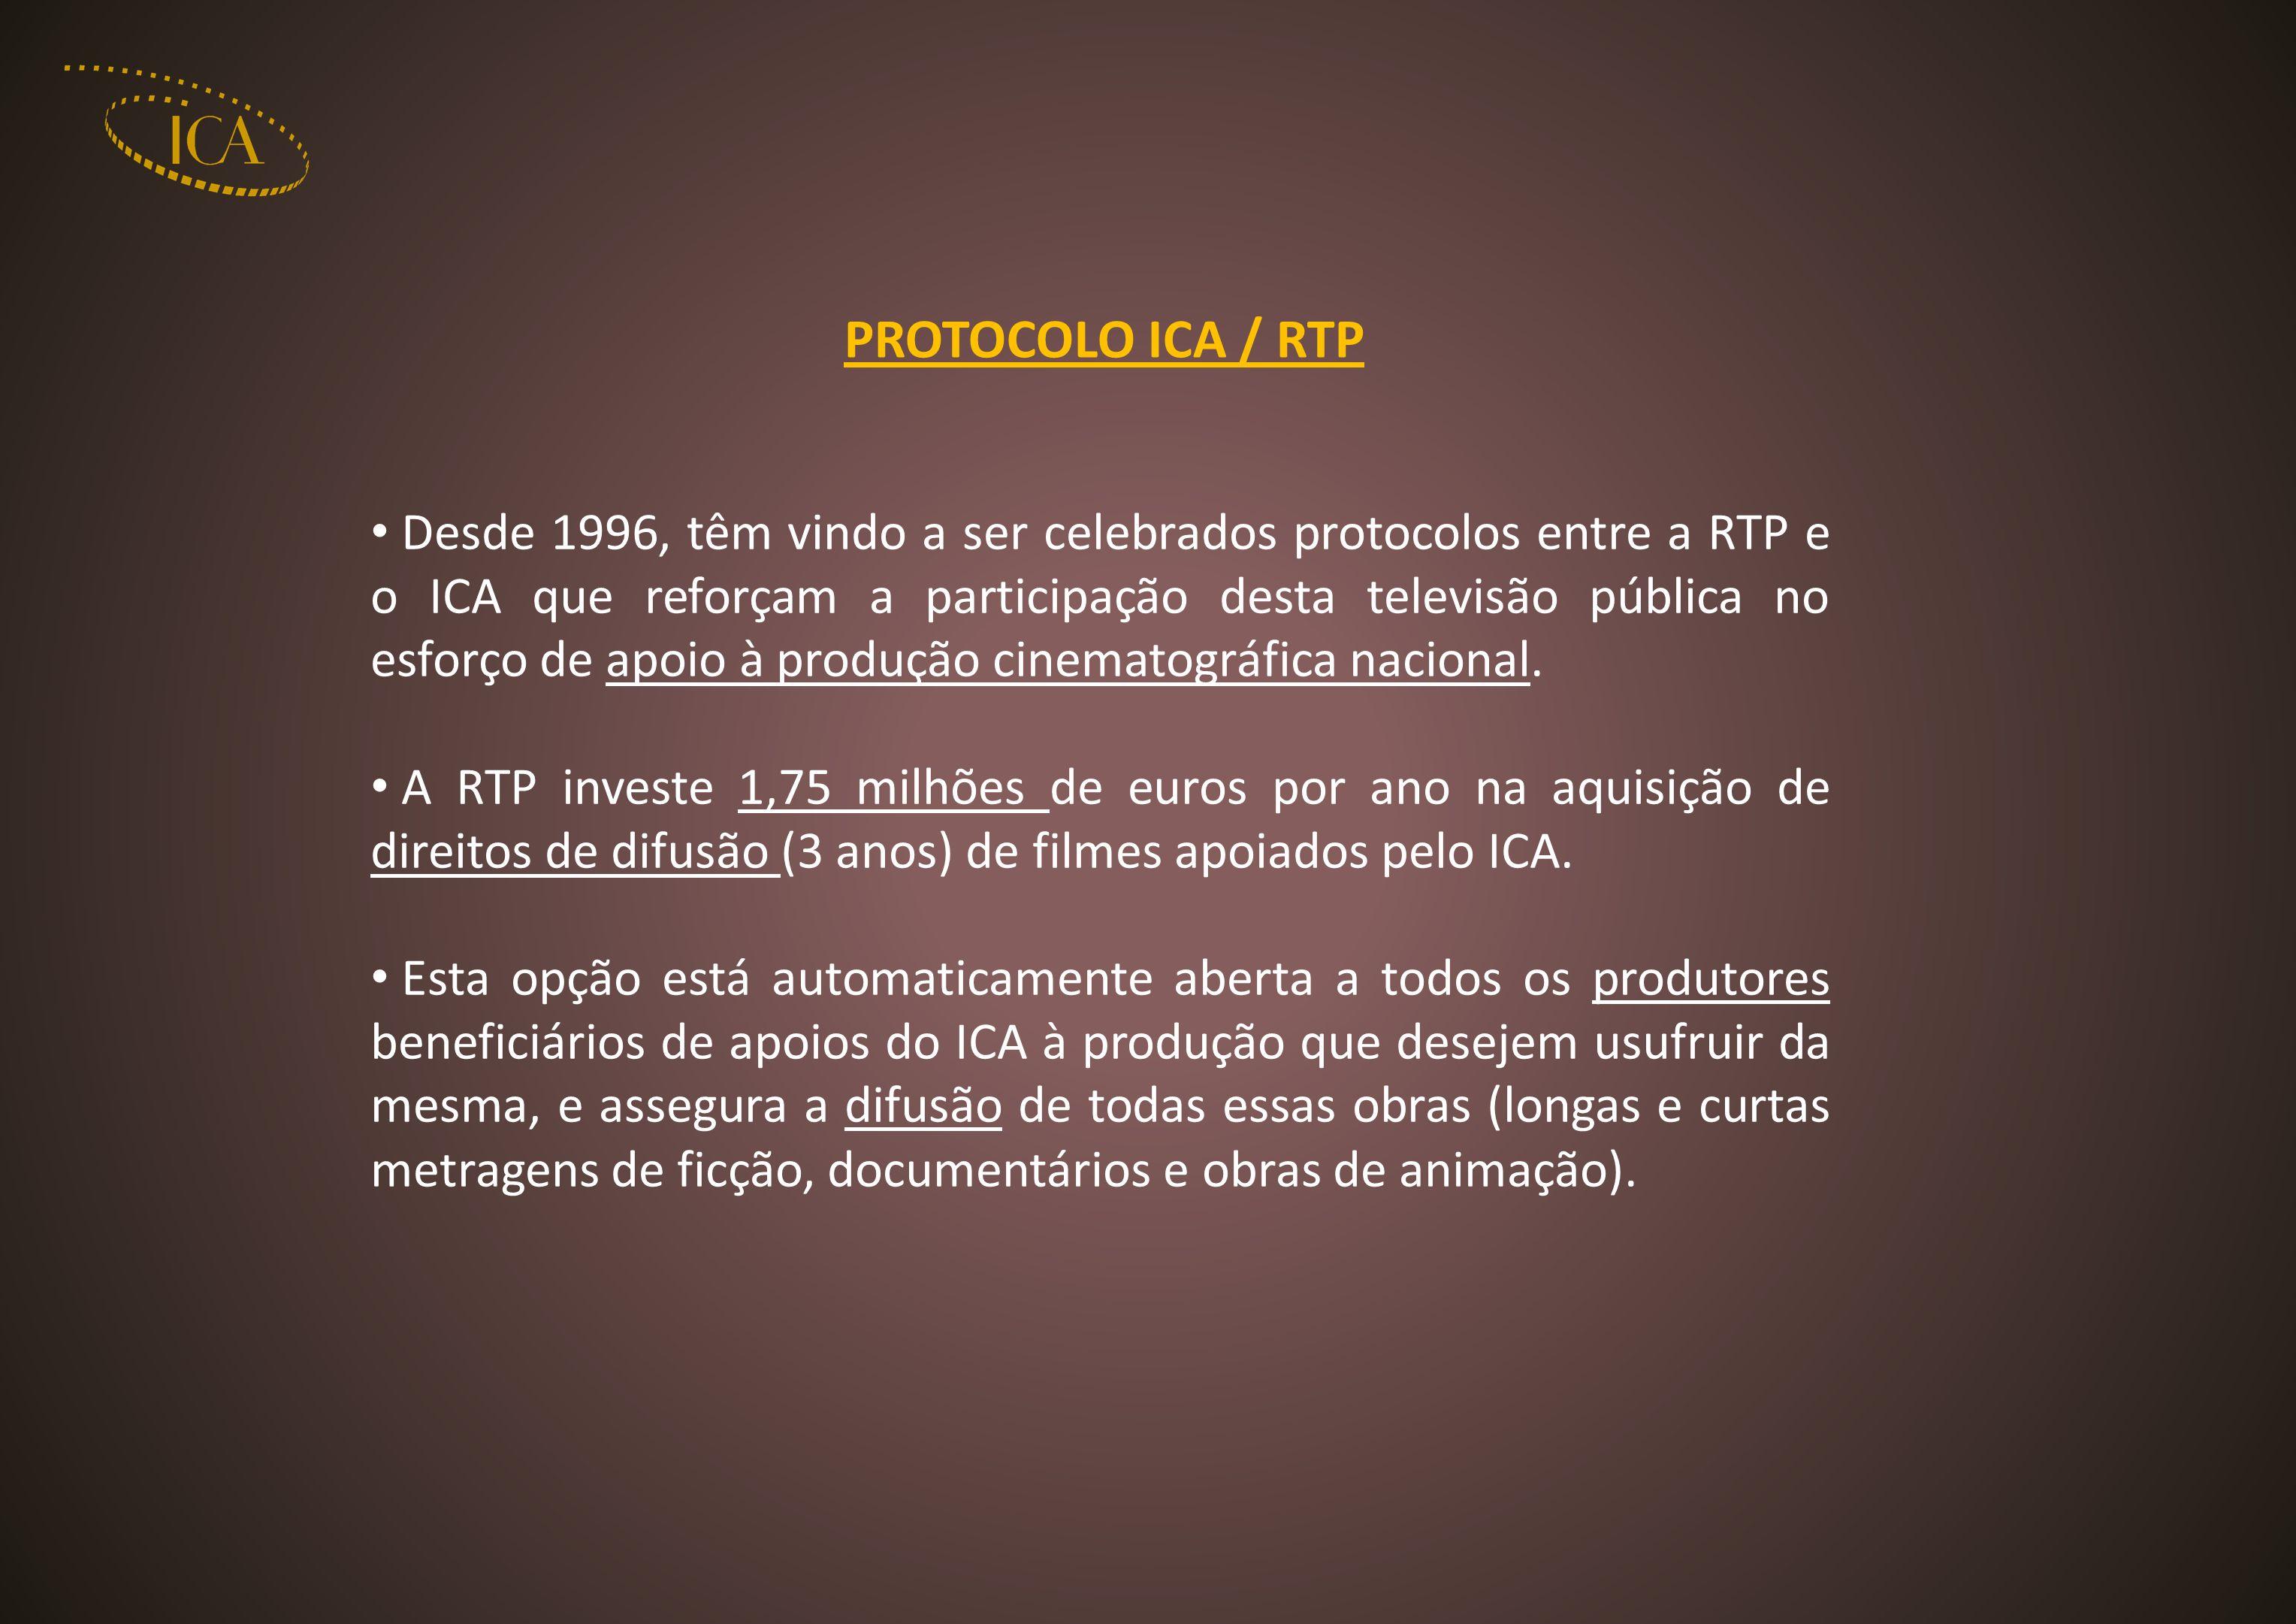 PROTOCOLO ICA / RTP